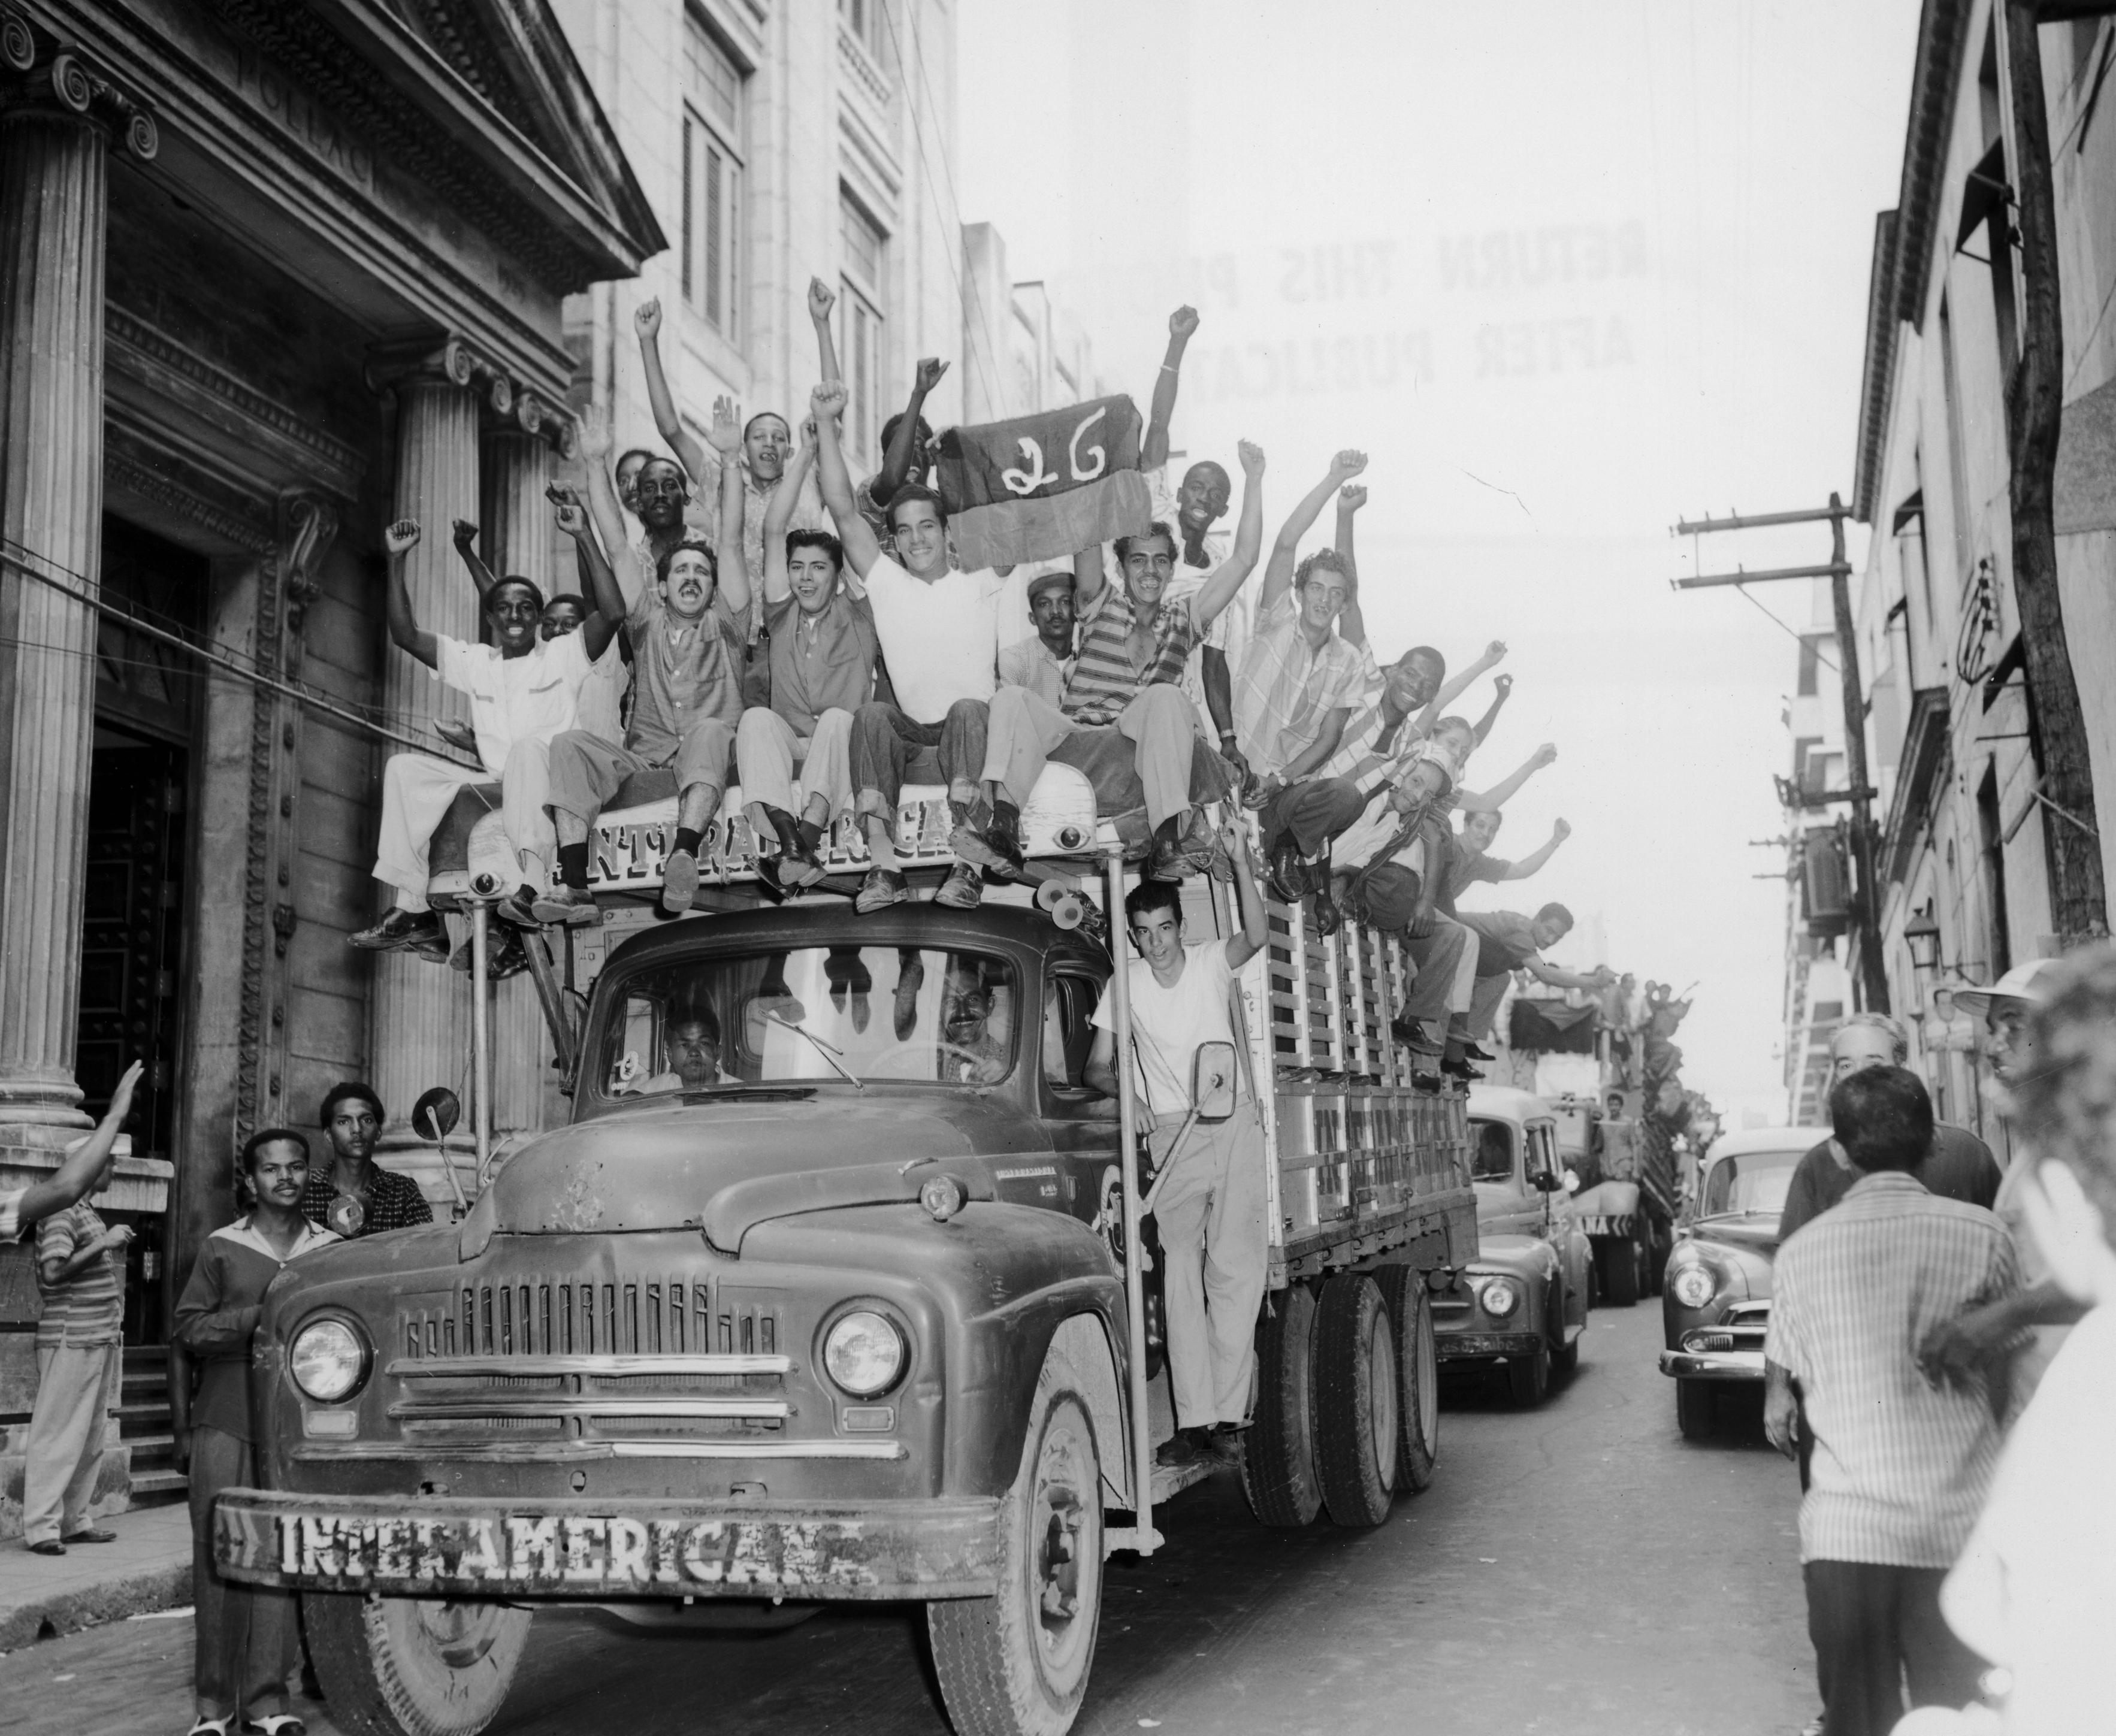 En fotos: Así celebraron la victoria de la revolución de Fidel Castro hace 60 años